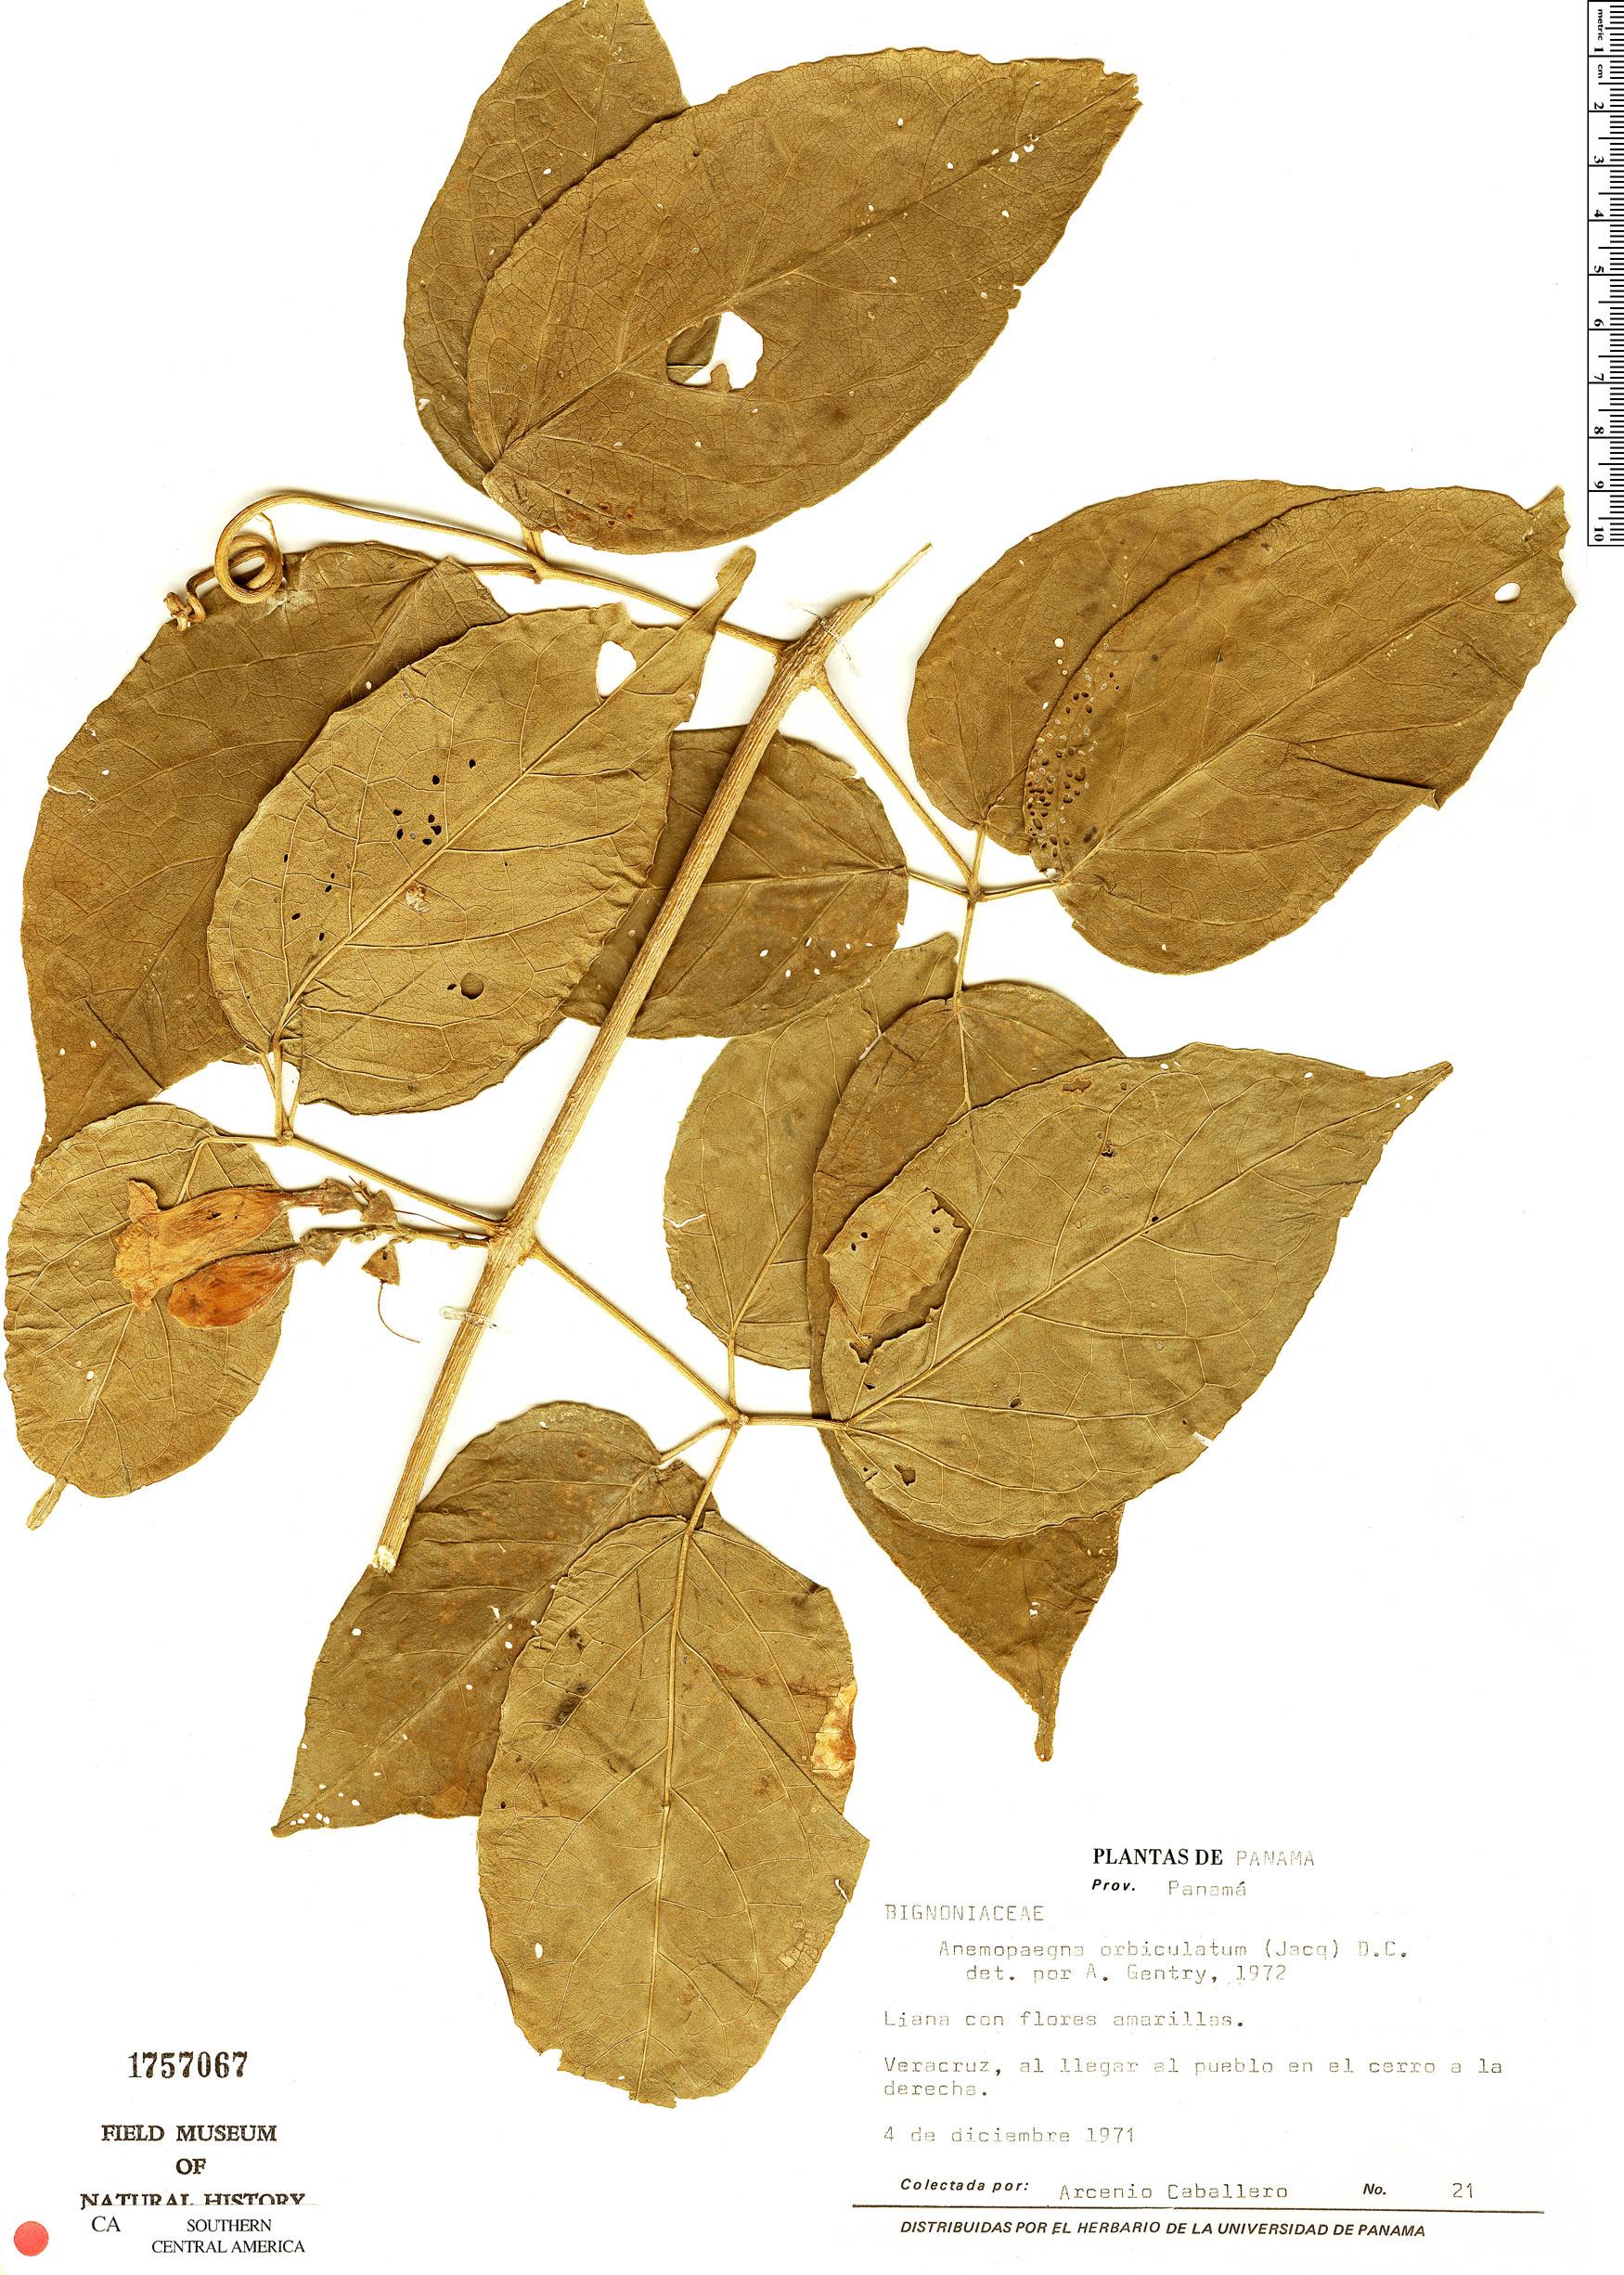 Anemopaegma orbiculatum image